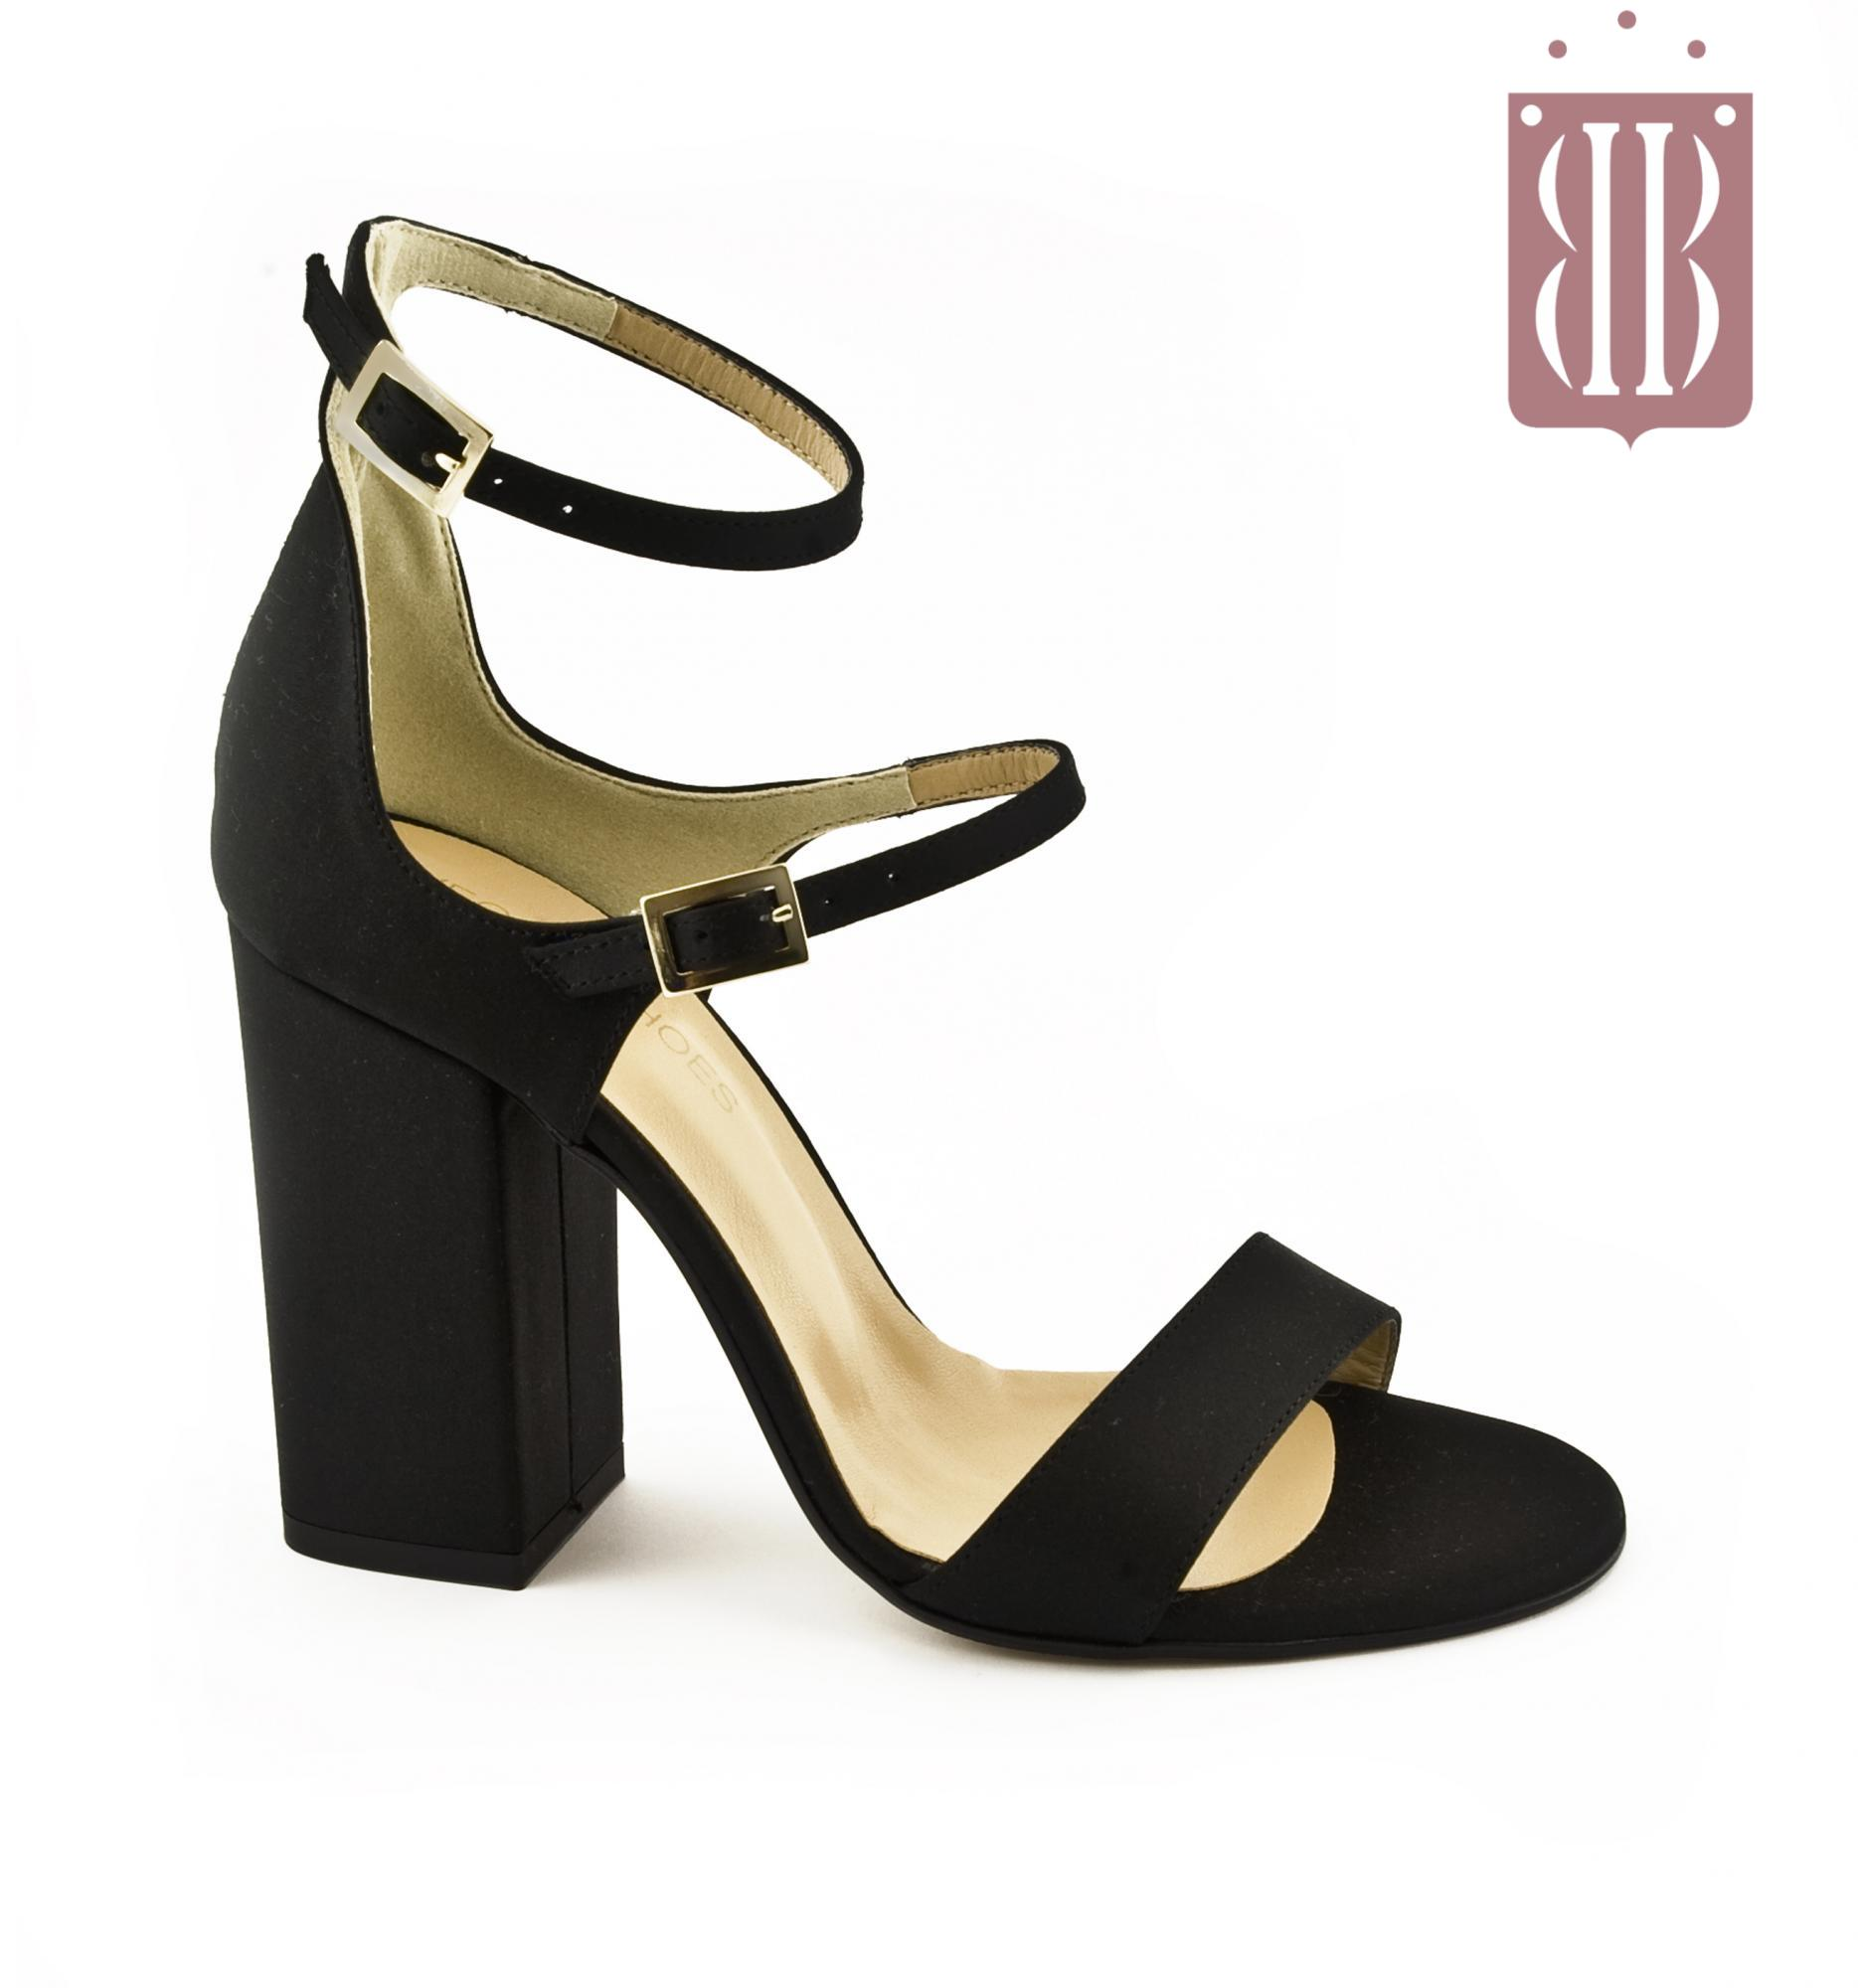 Tessuto Italy Cinturini Tacco Shoes Donna Scarpe In Sandali Vegan Vsi Made Fibbie c4q3Aj5RL